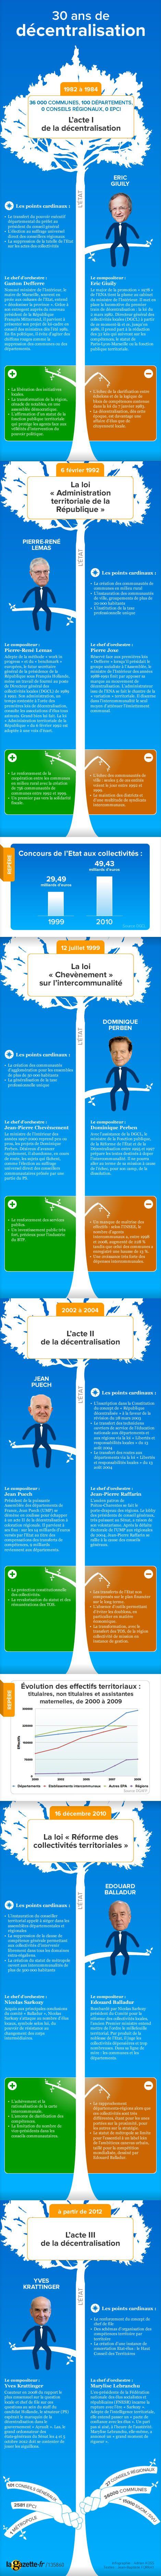 30 ans de décentralisation en 1 infographie (La Gazette des Communes / à jour au printemps 2013...)